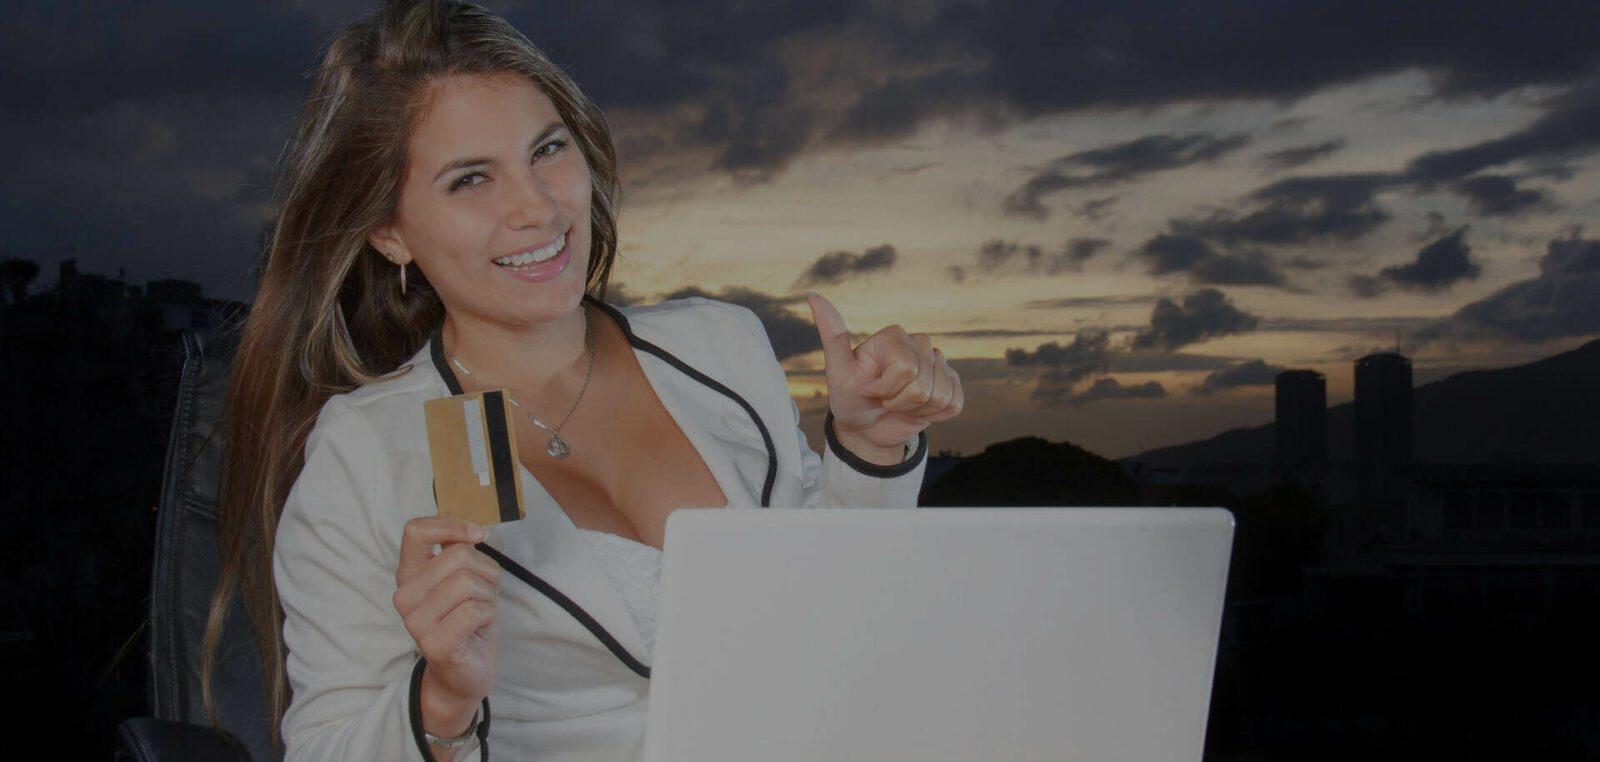 Зачем нужна оплата банковской картой в интернет-магазине